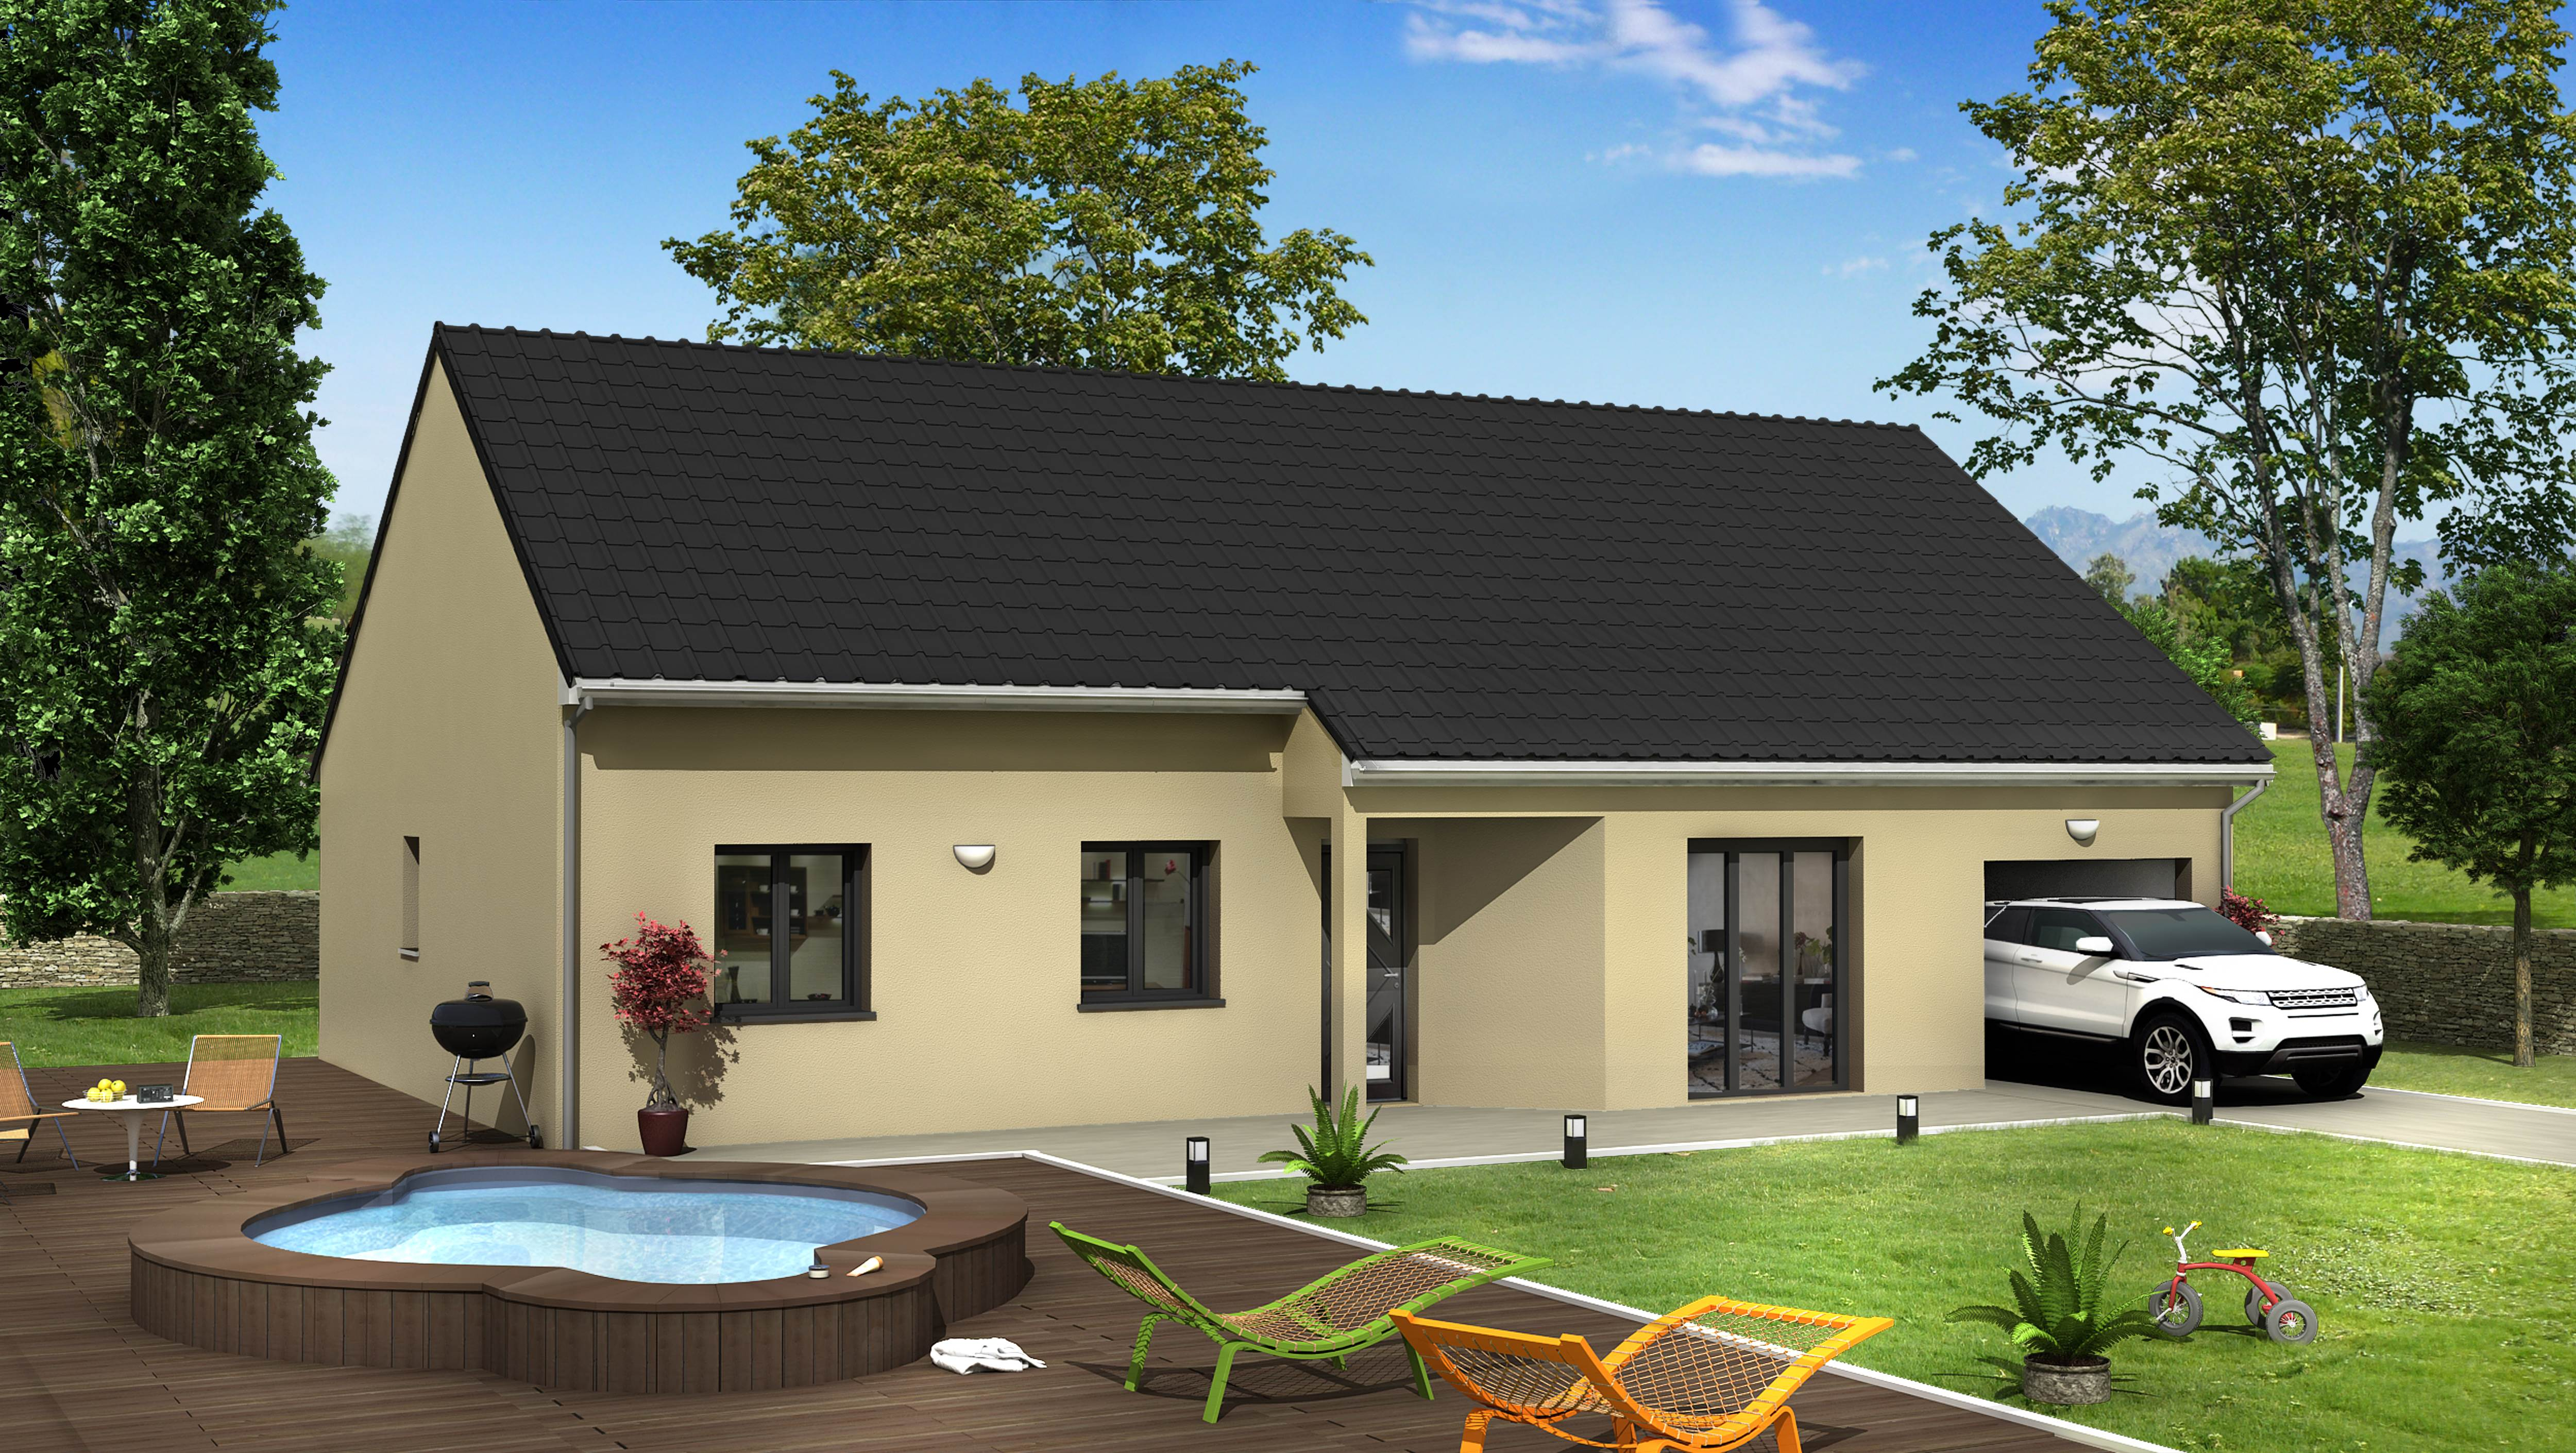 villas club reims maison 6 pi ce s 103 m mourmelon le petit 51 vendre mn 2311 vc cs mlp. Black Bedroom Furniture Sets. Home Design Ideas